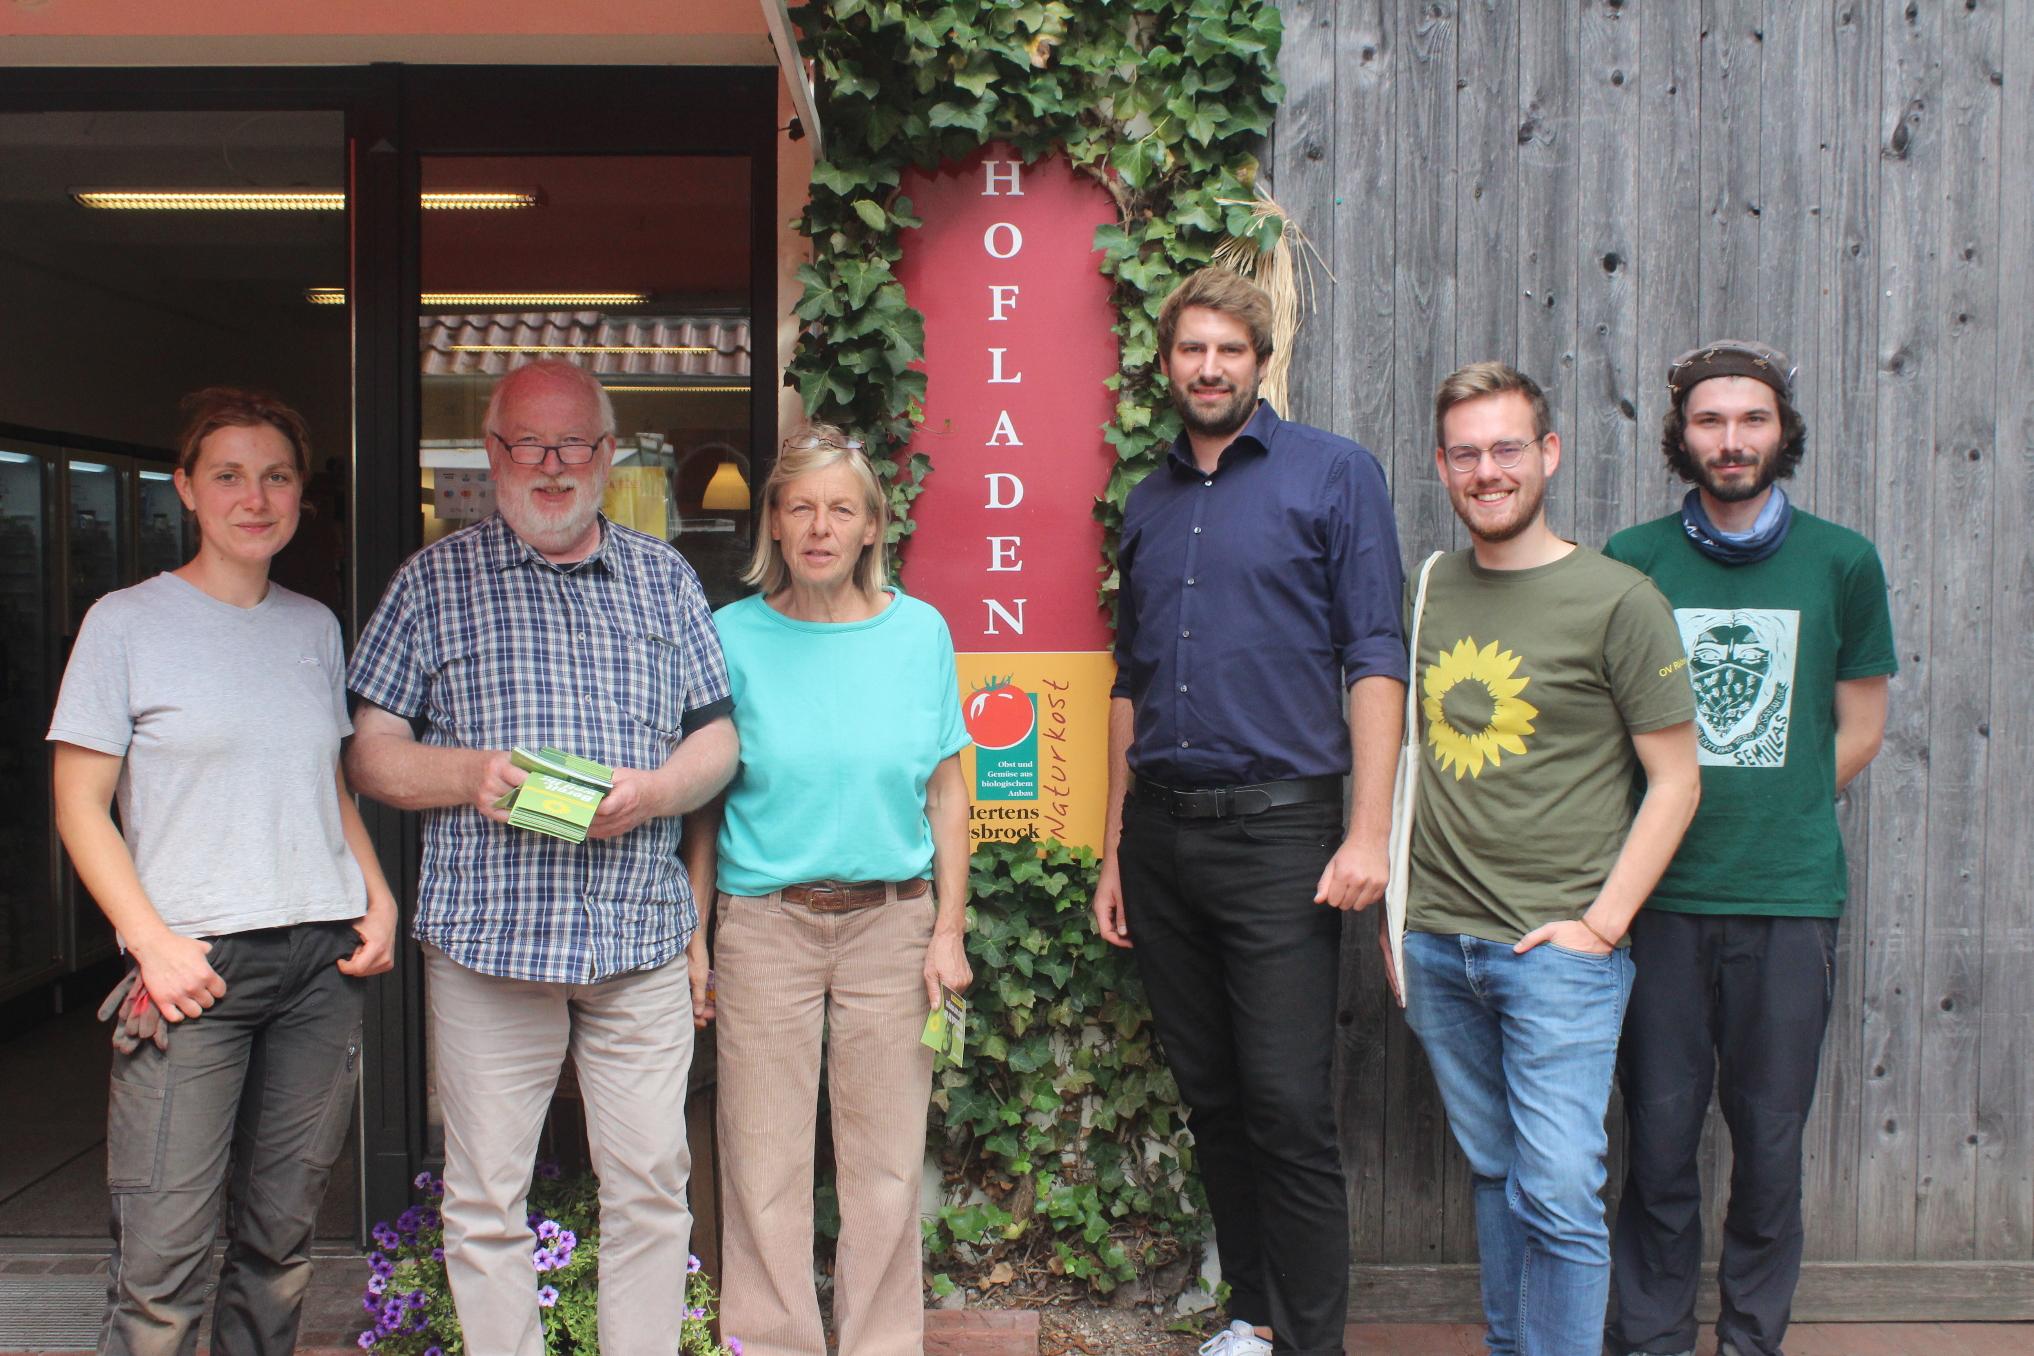 Schöner Besuch des Biohofs in Rietberg